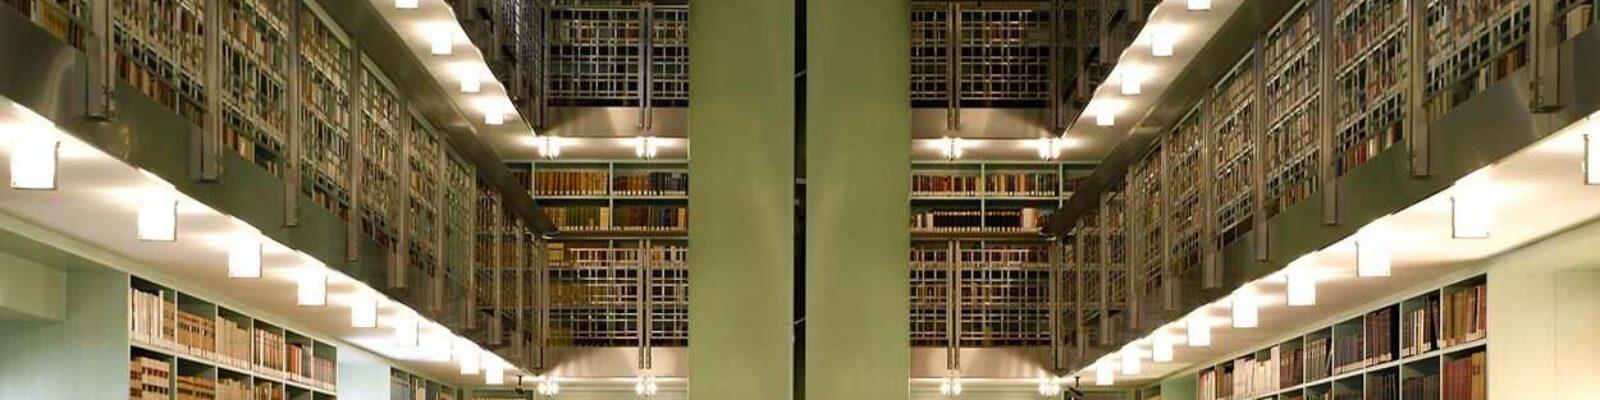 Palermo Branciforte Palace sala libreria - illuminazione architetturale